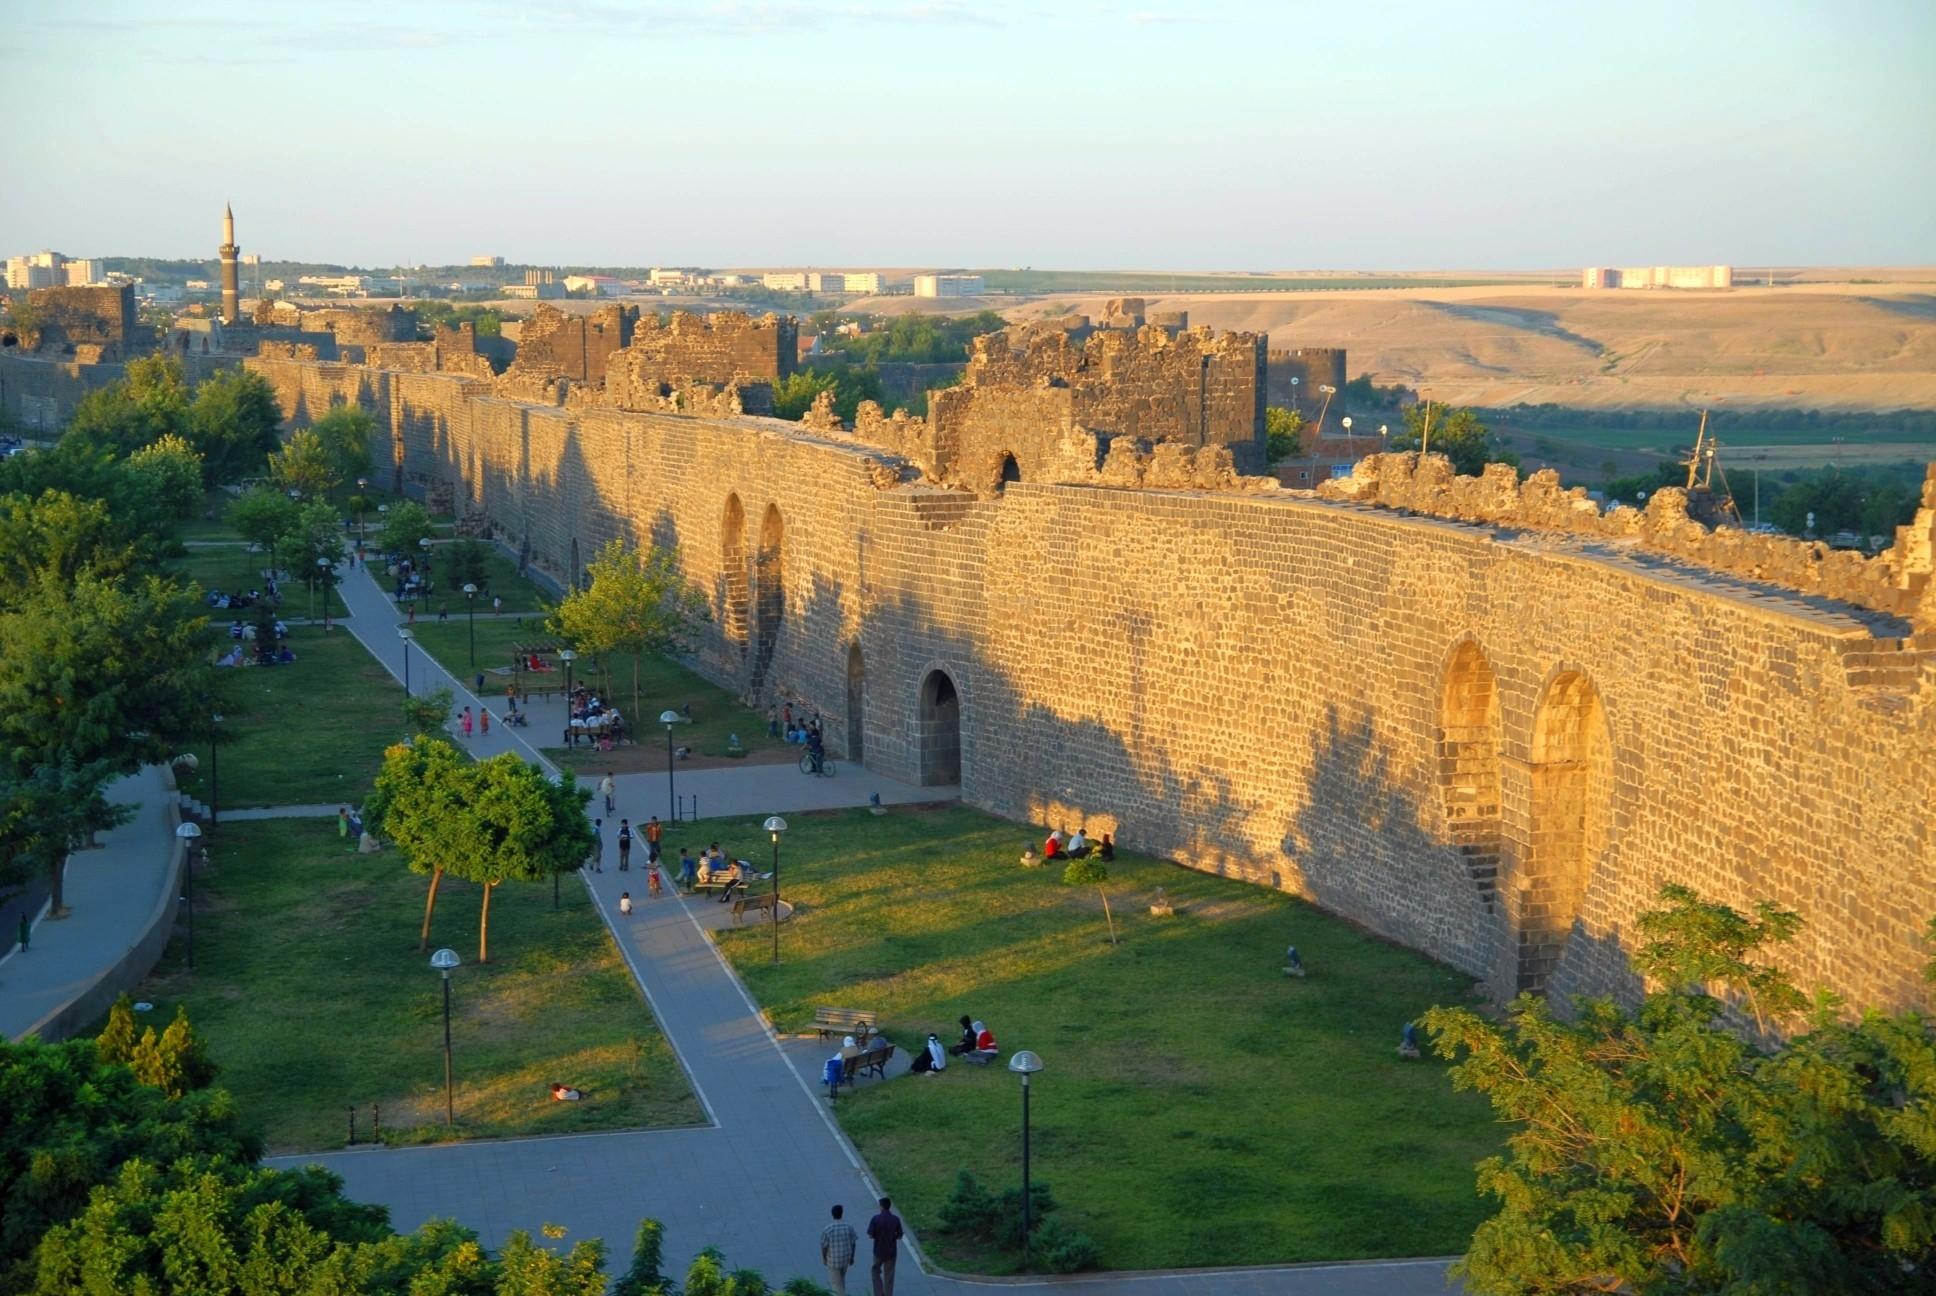 Vue de l''intérieur de la forteresse